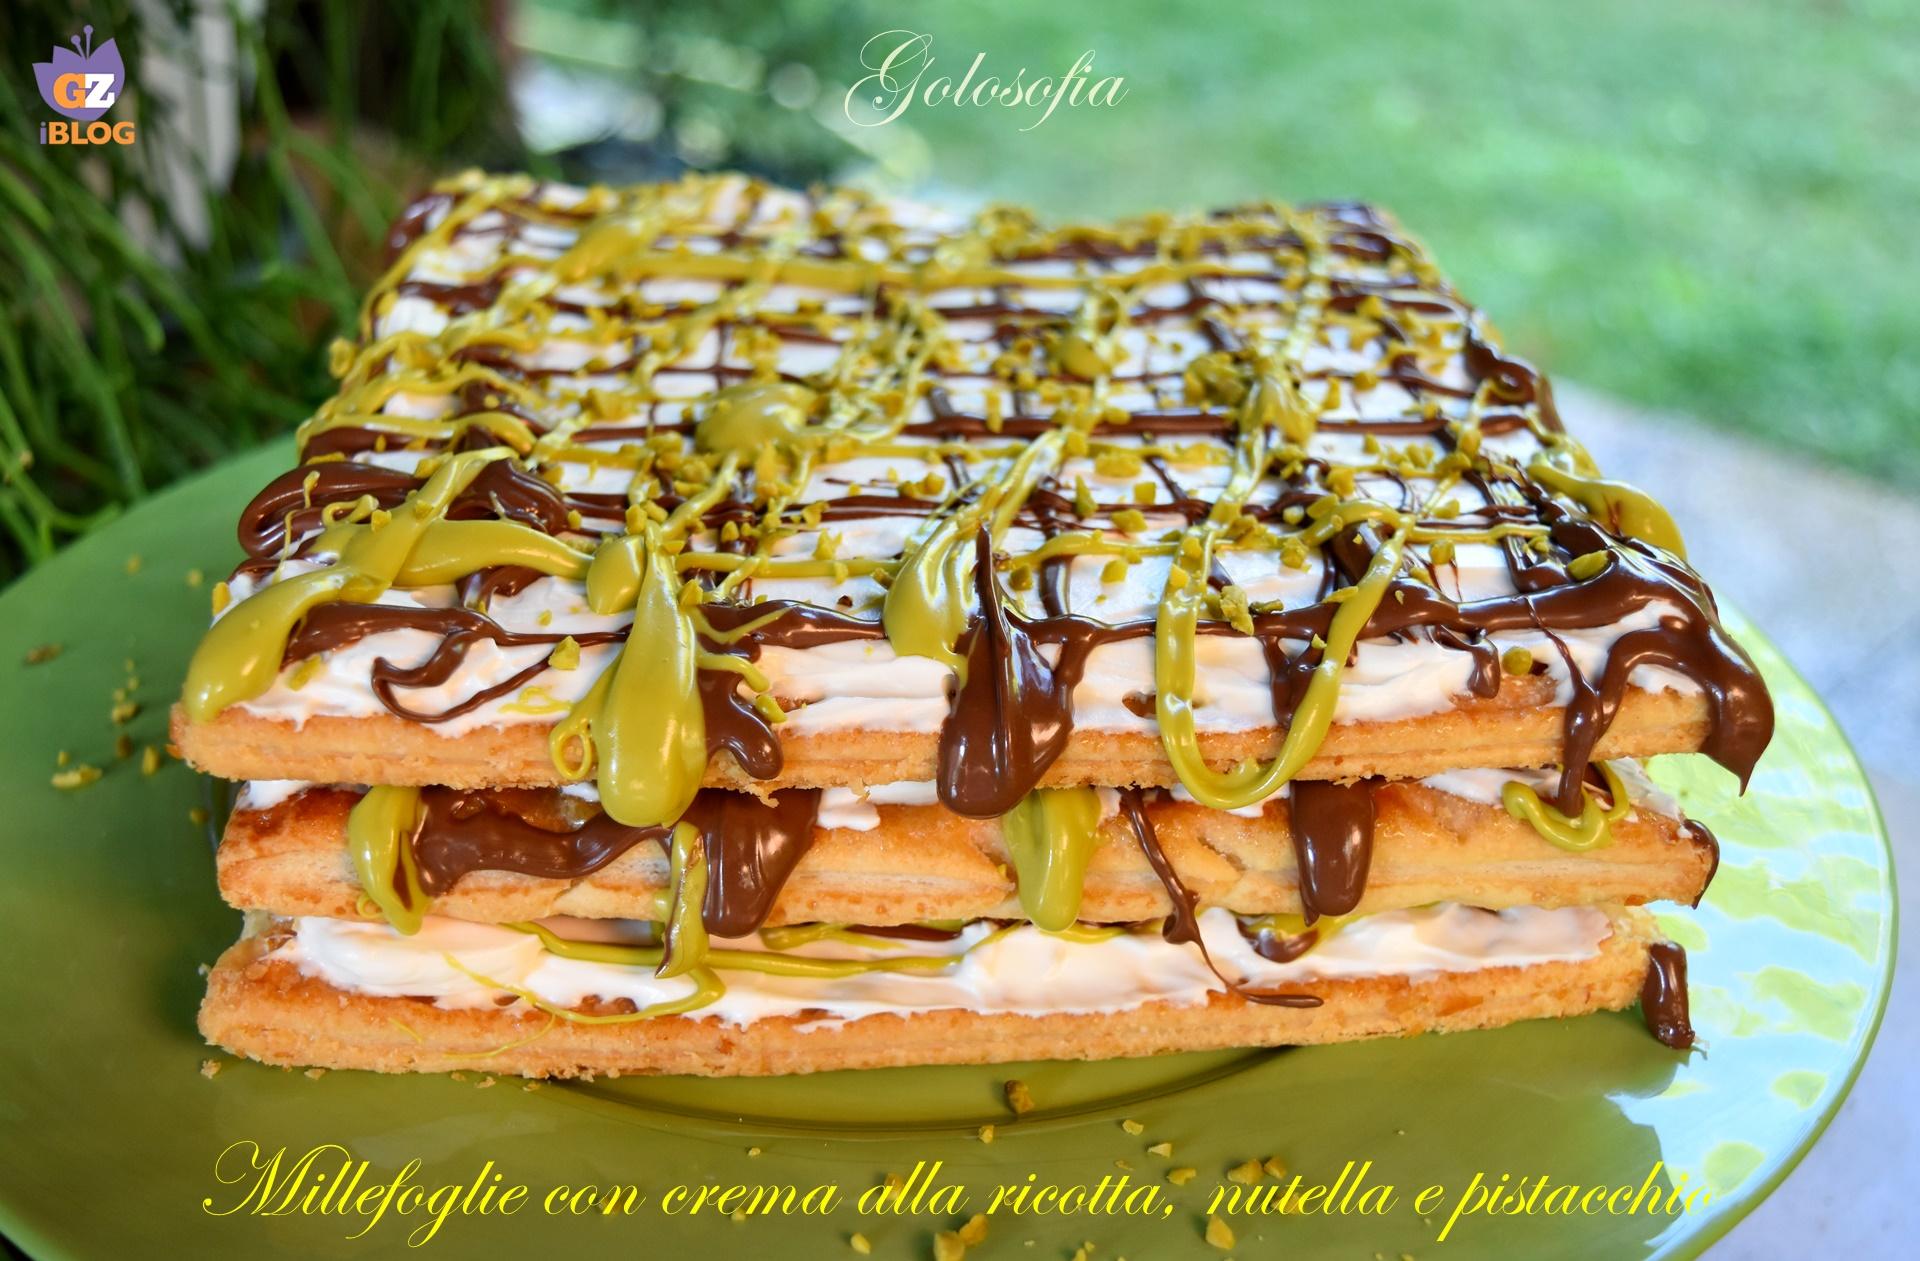 Millefoglie con crema alla ricotta, nutella e pistacchio-ricetta dolci-golosofia